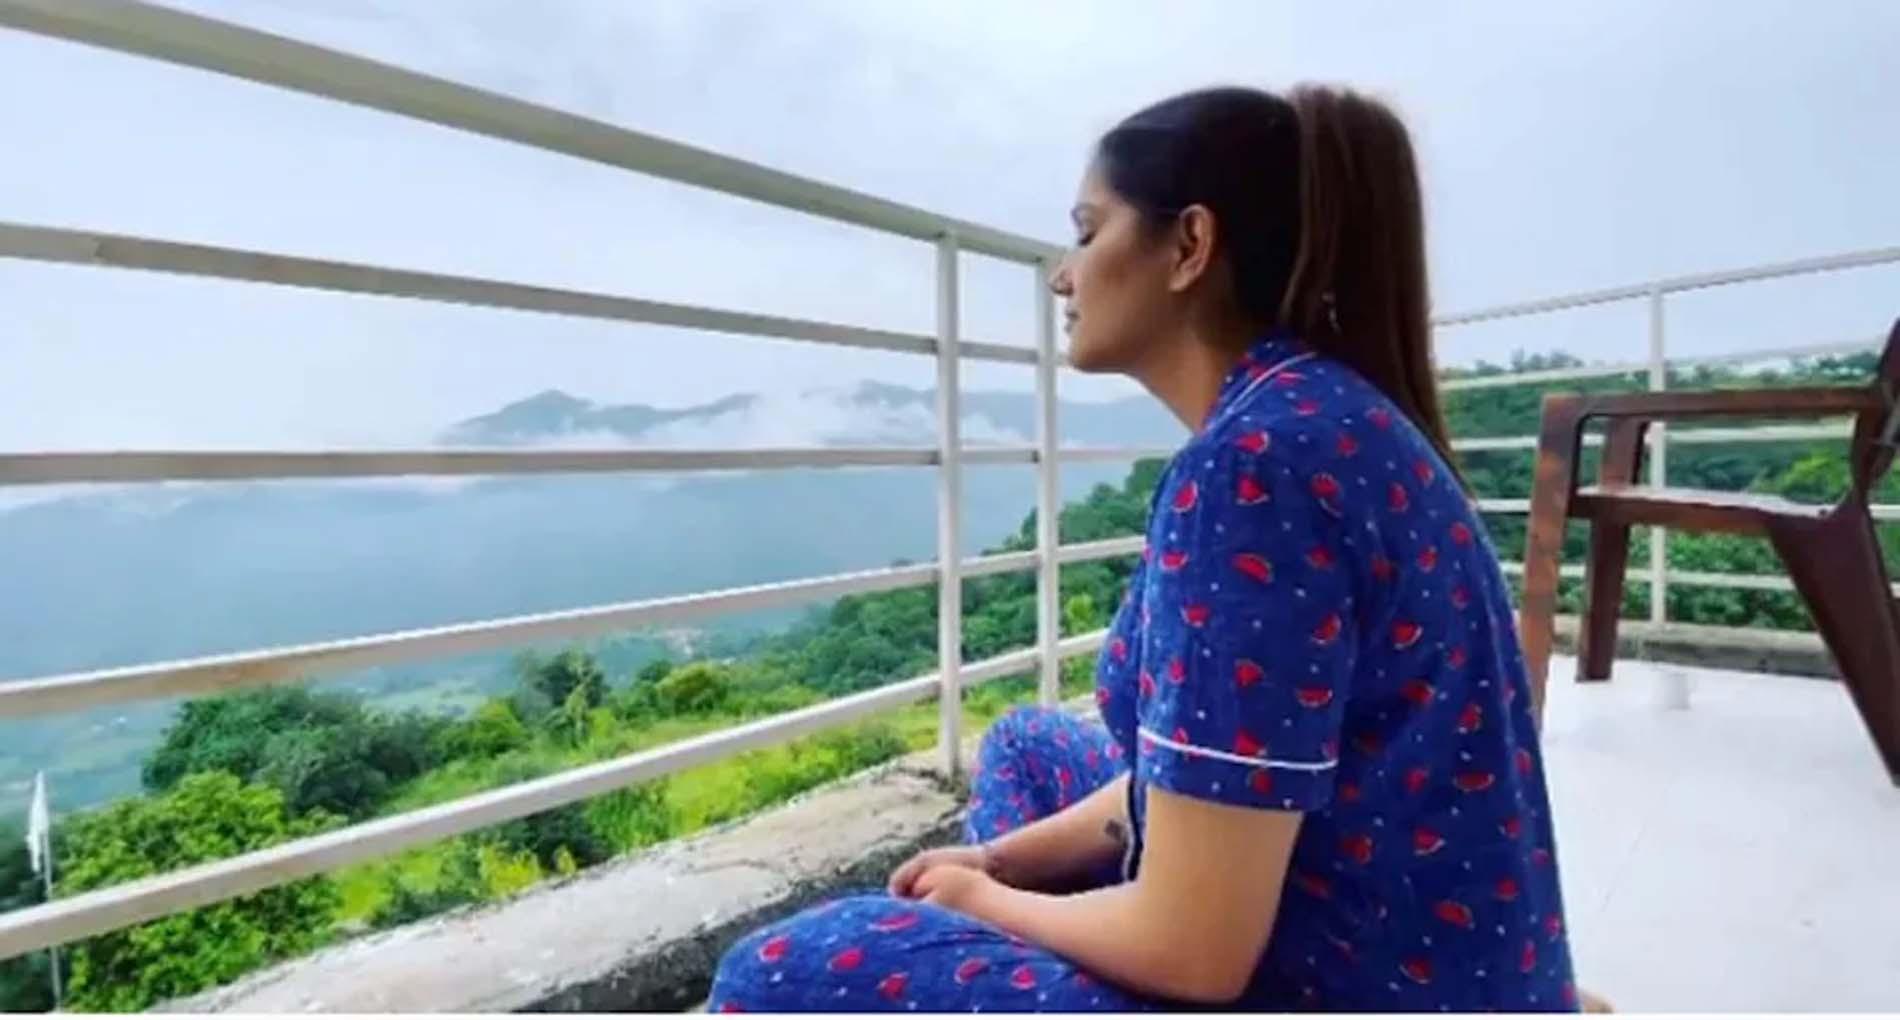 कुछ इस अंदाज में रिलेक्स करती दिखीं सपना चौधरी! देसी क्वीन ने शेयर किया वीडियो